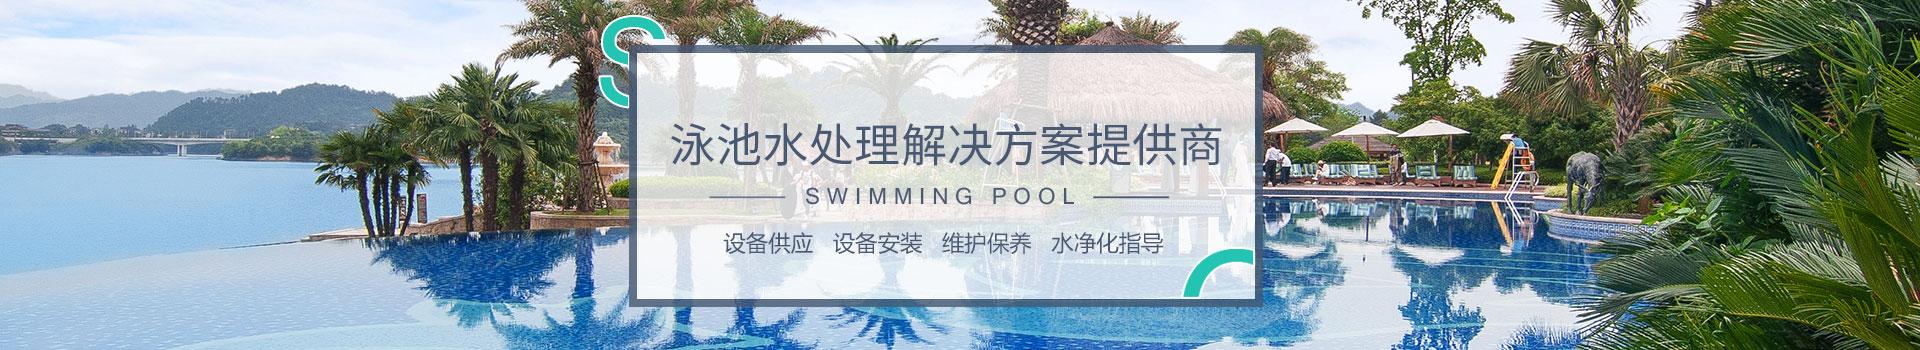 重庆恒温泳池设备